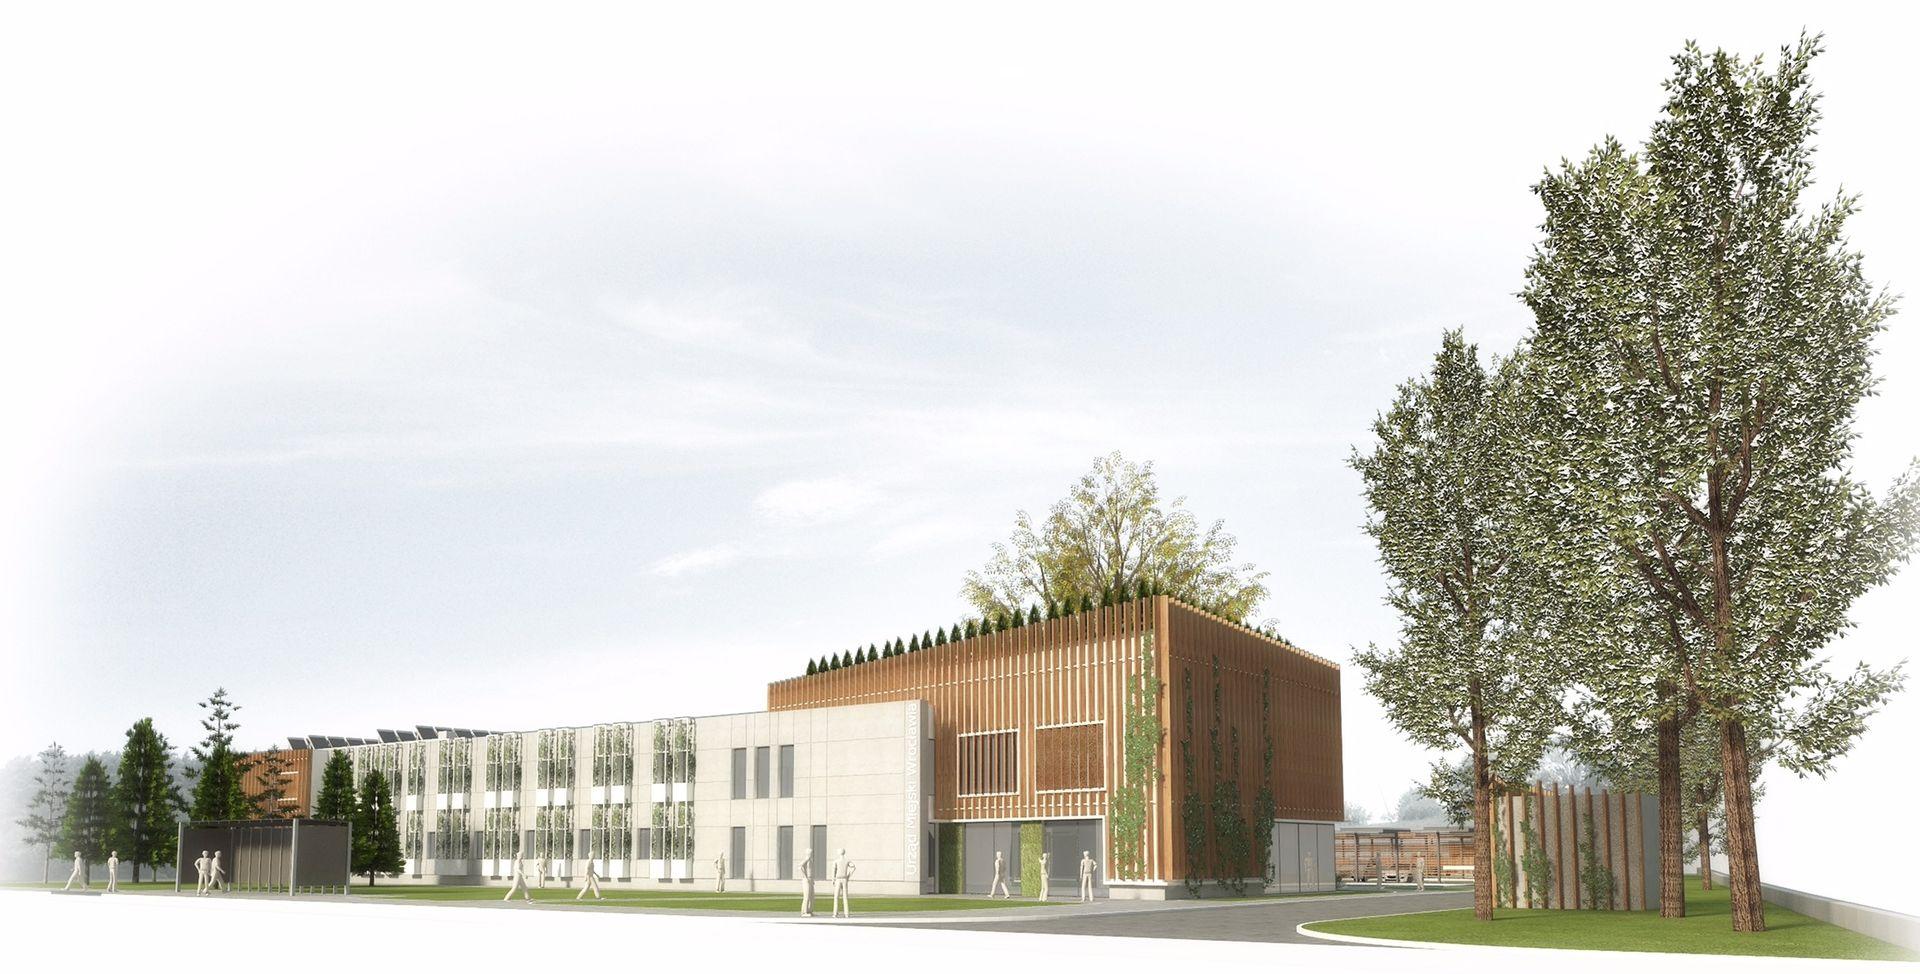 [Wrocław] Urzędnicy chcą być eko. Przy Hubskiej powstanie energooszczędny kompleks [WIZUALIZACJE]